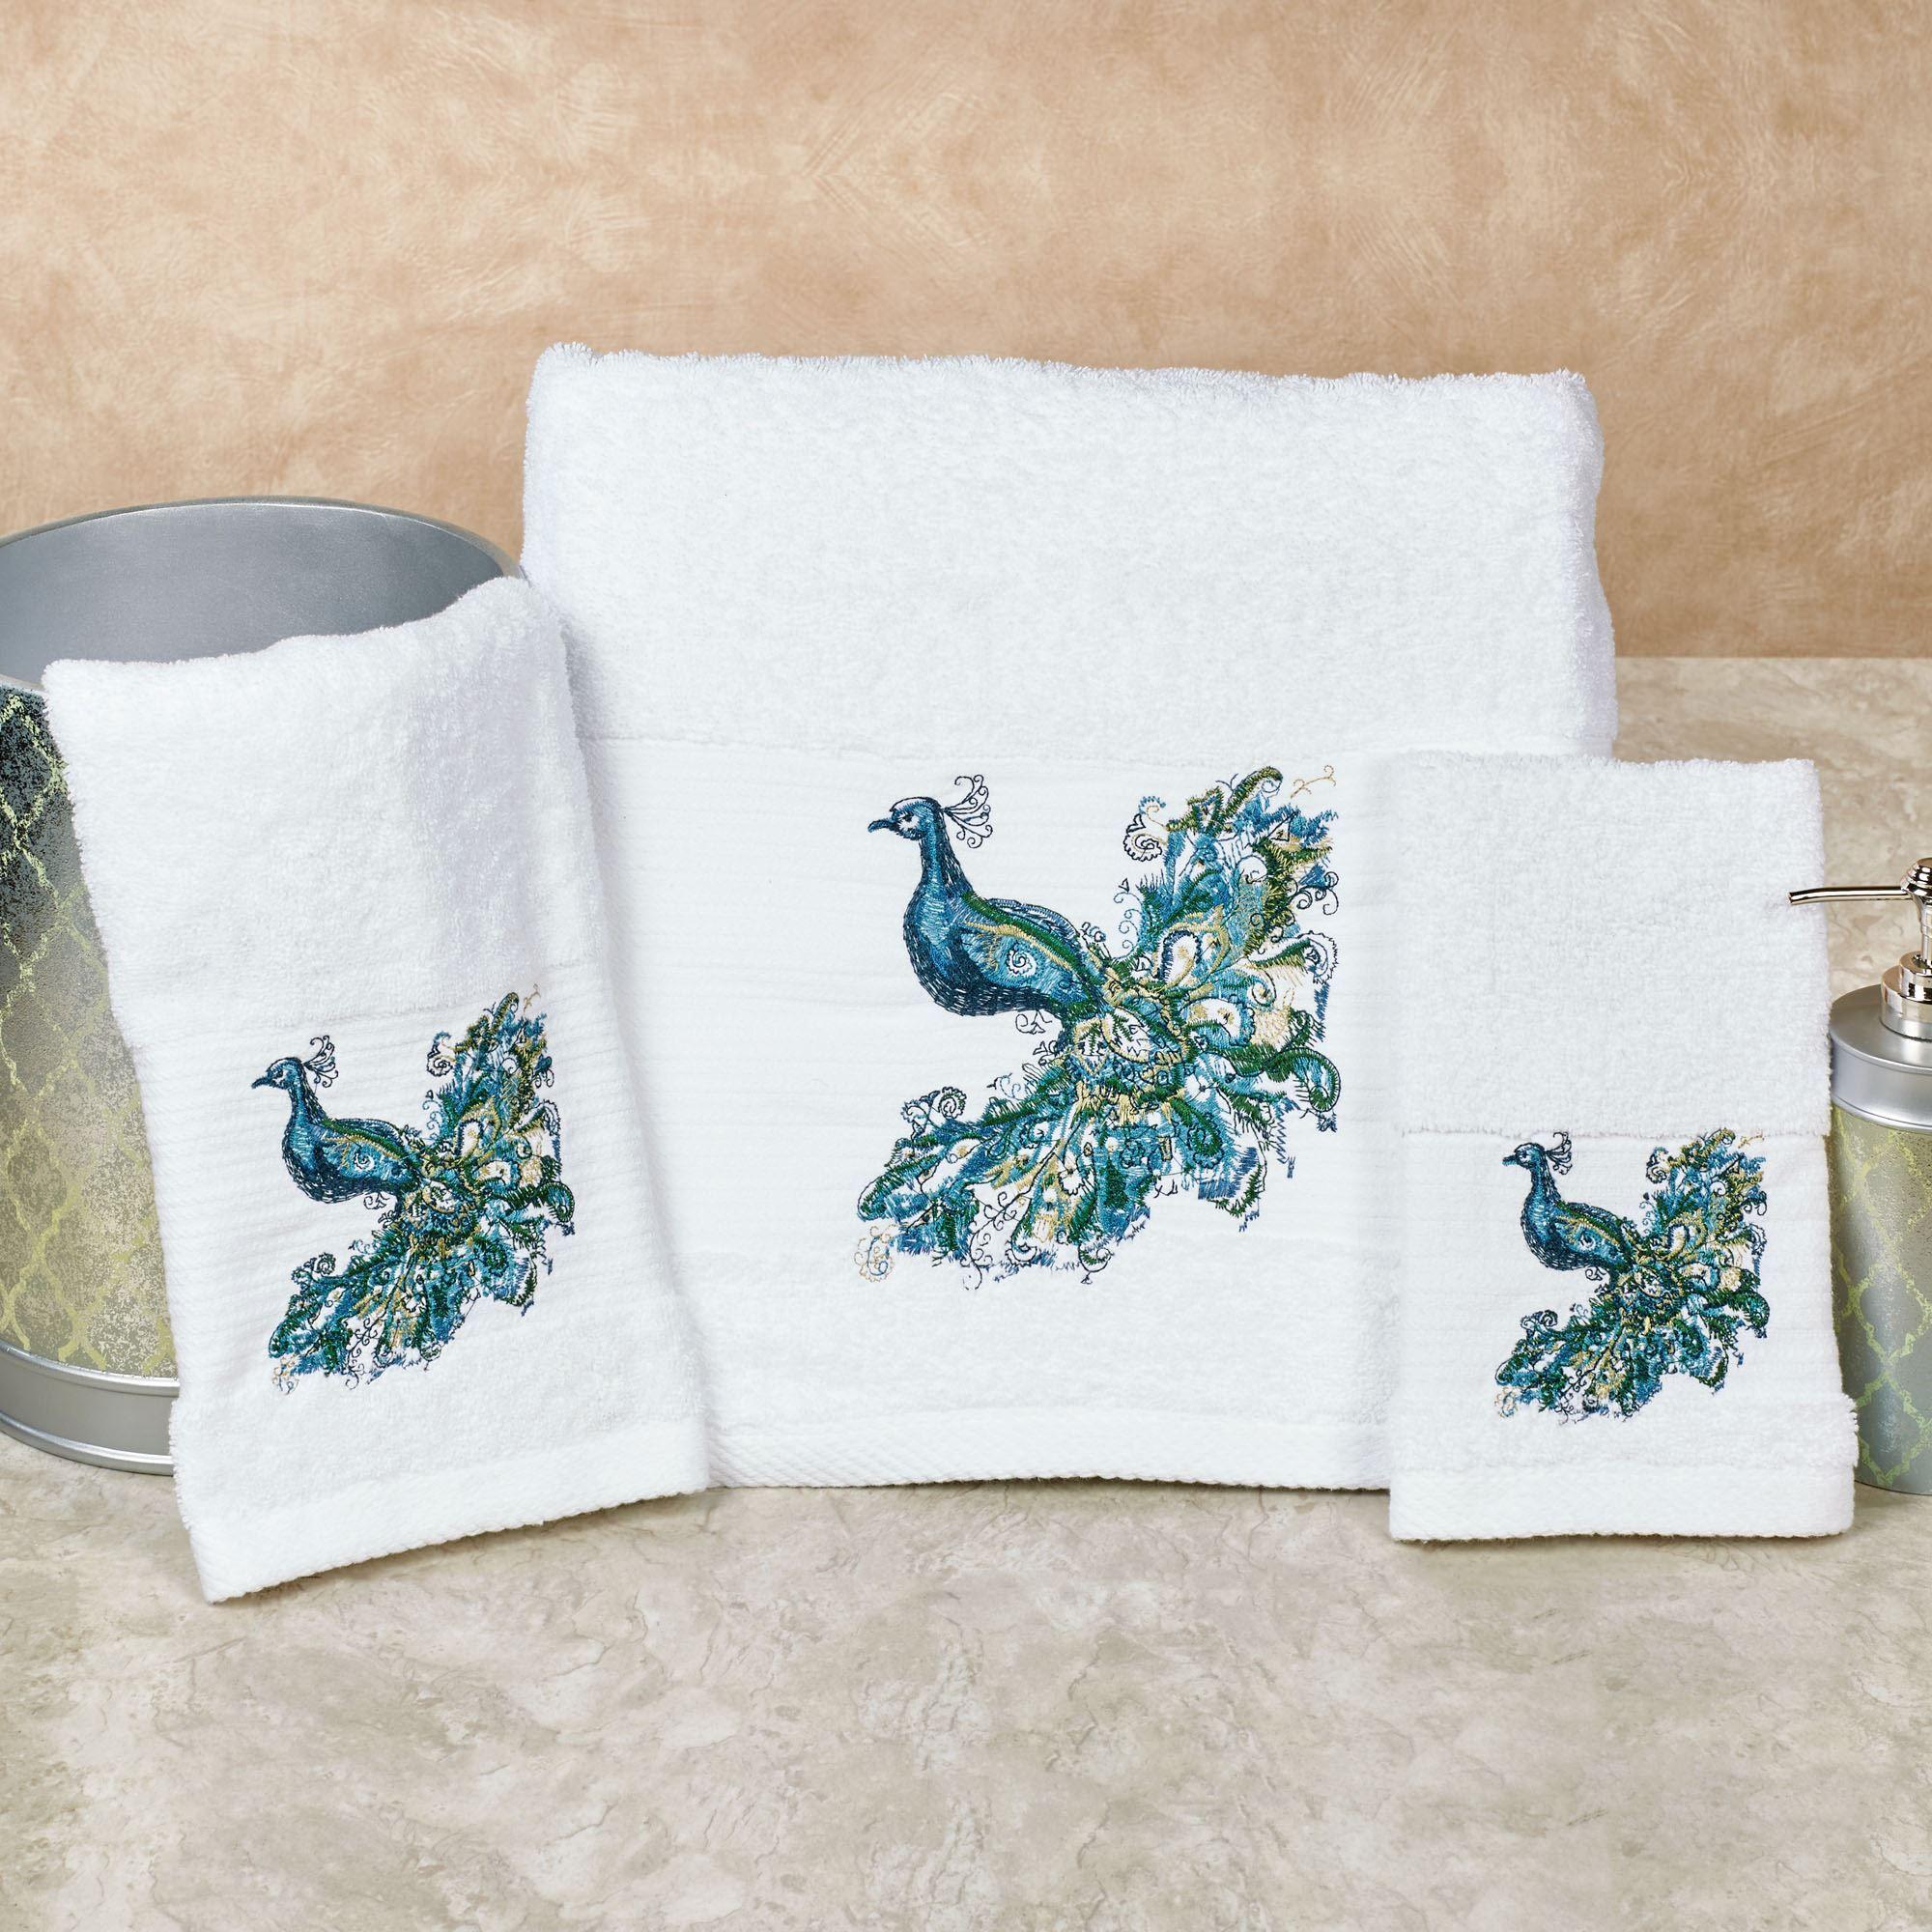 peacock decor accessories bathroom themed rug